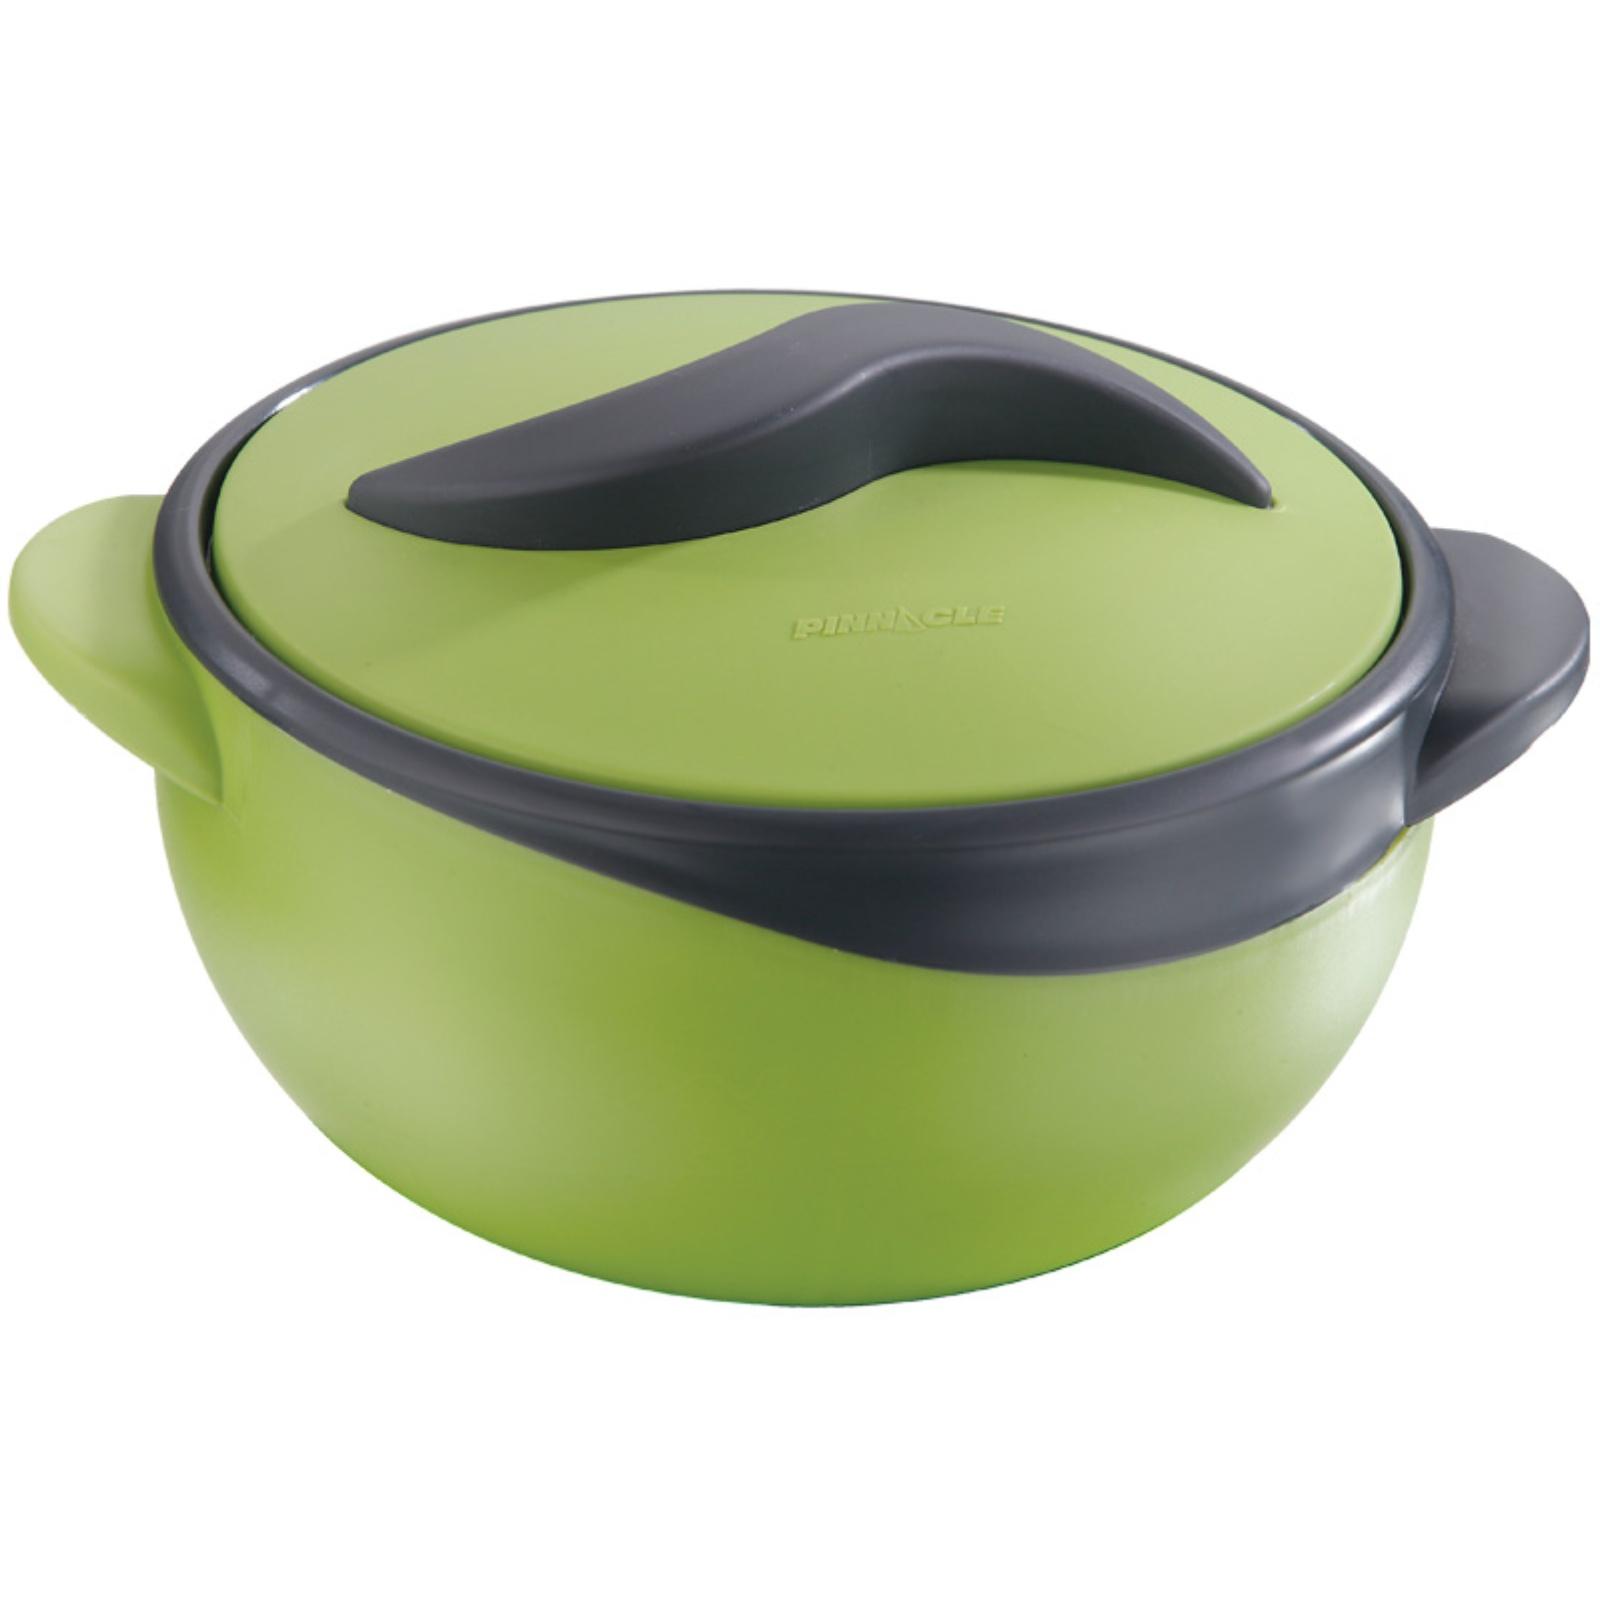 Termomísa na jídlo GIO STYLE Parisa 1,5l zelená